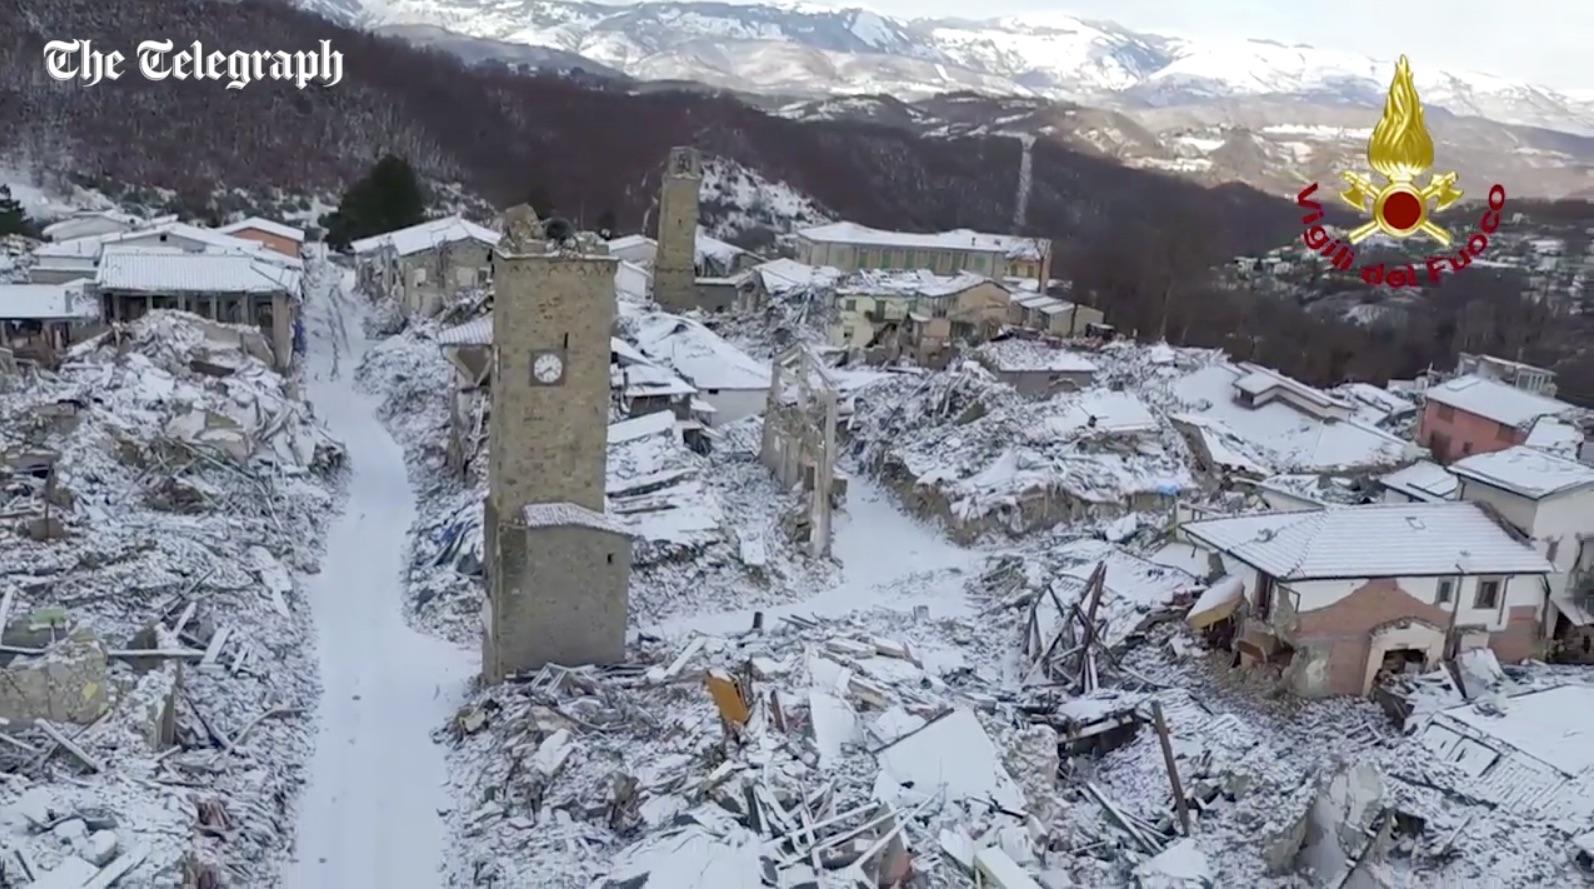 amatrice-italy-earthquake-damage